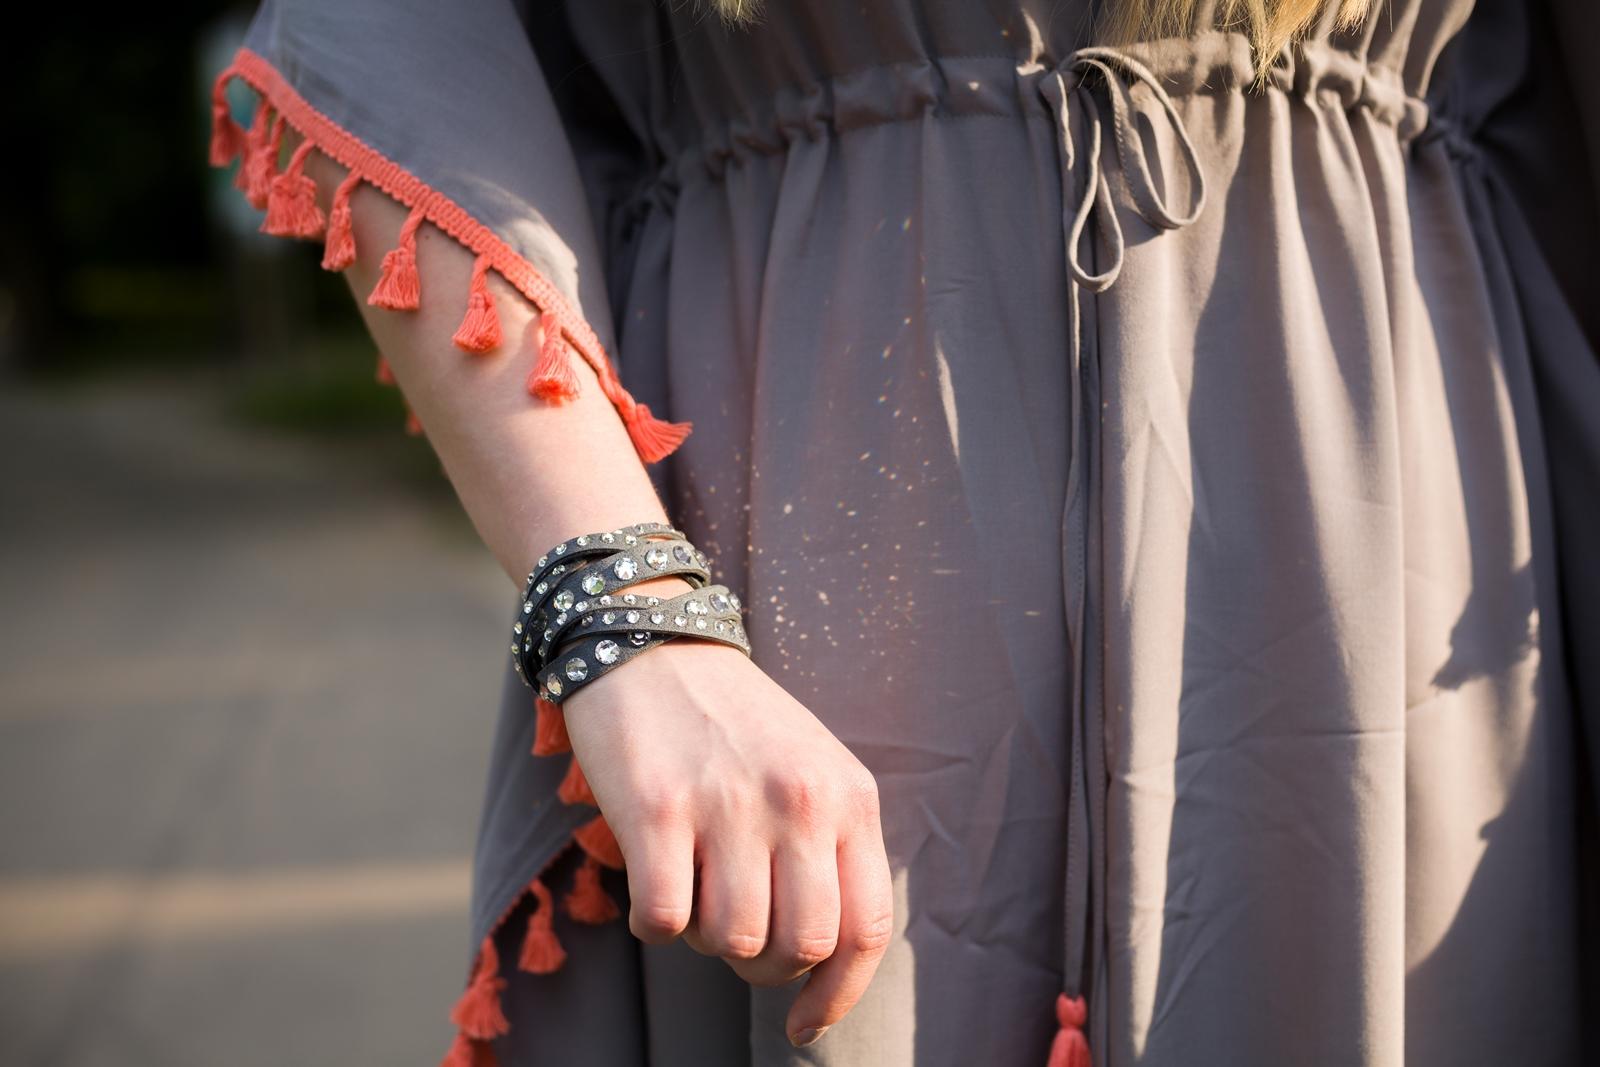 1 sukienka szara z frędzlami maxi na lato bonprix sukienki na wakacje bizuteria piotrowski kryształy svarowskiego letnia stylizacja melodylaniella sukienka dla wysokiej dziewczyny fashion moda